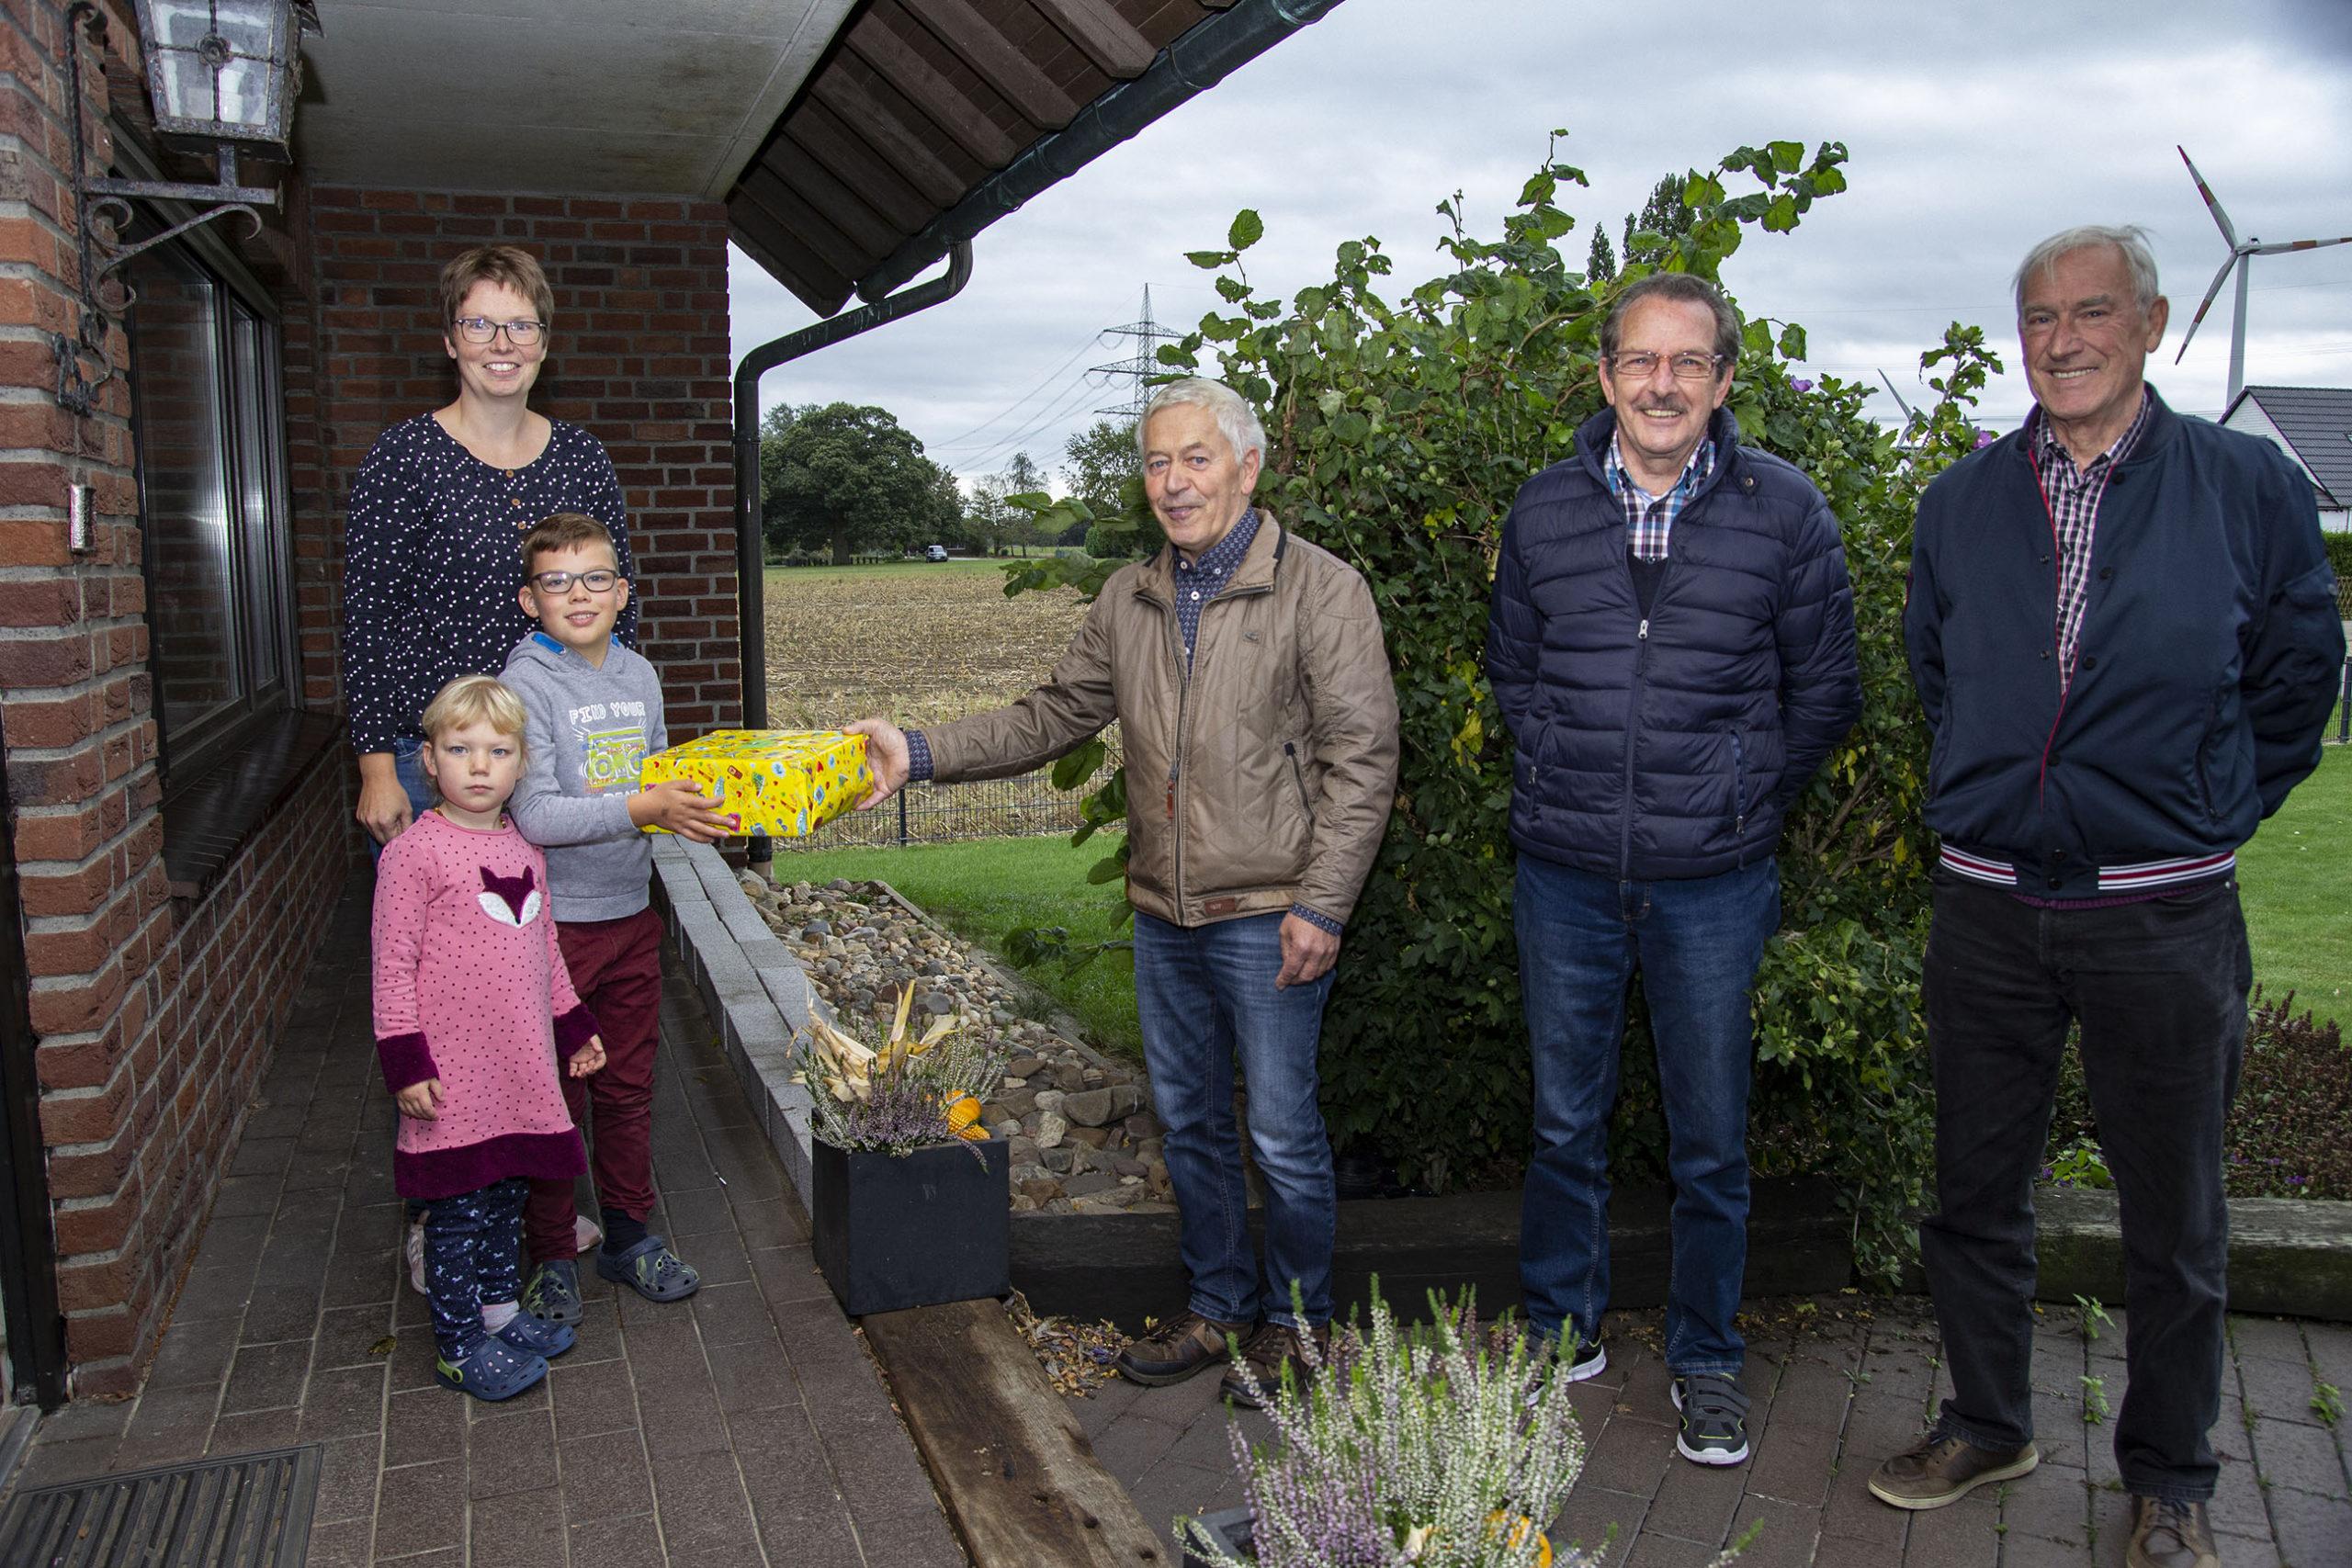 Chris Kamps aus Heelden gewinnt Sonnenblumenwettbewerb